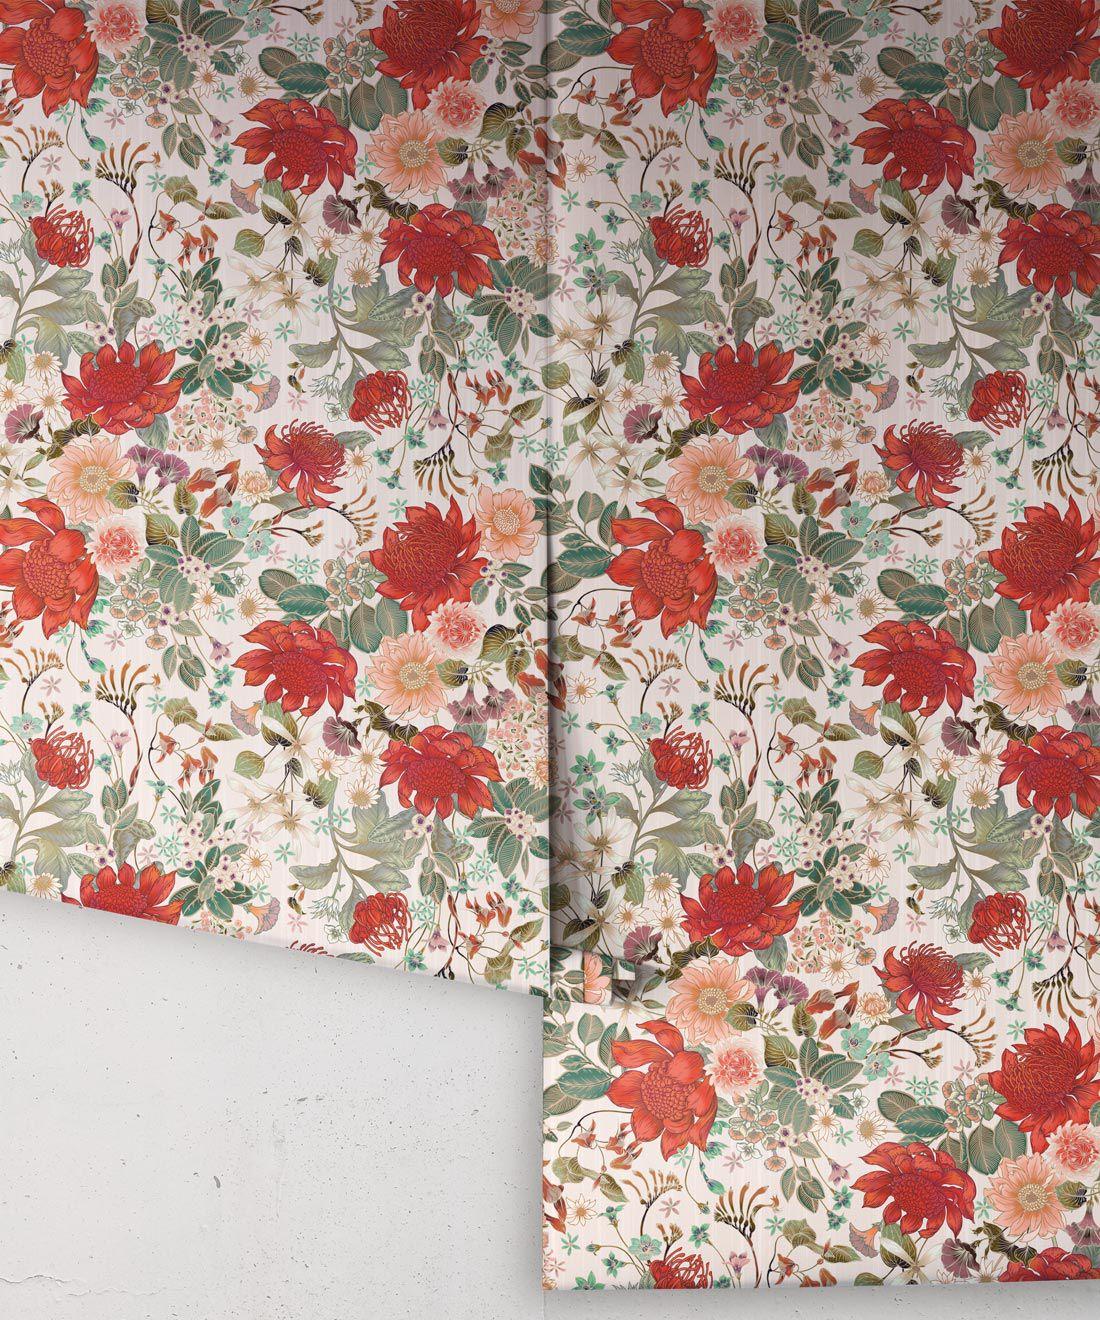 Bouquet Wallpaper • Eloise Short • Vintage Floral Wallpaper •Granny Chic Wallpaper • Grandmillennial Style Wallpaper •Alabaster •Rolls